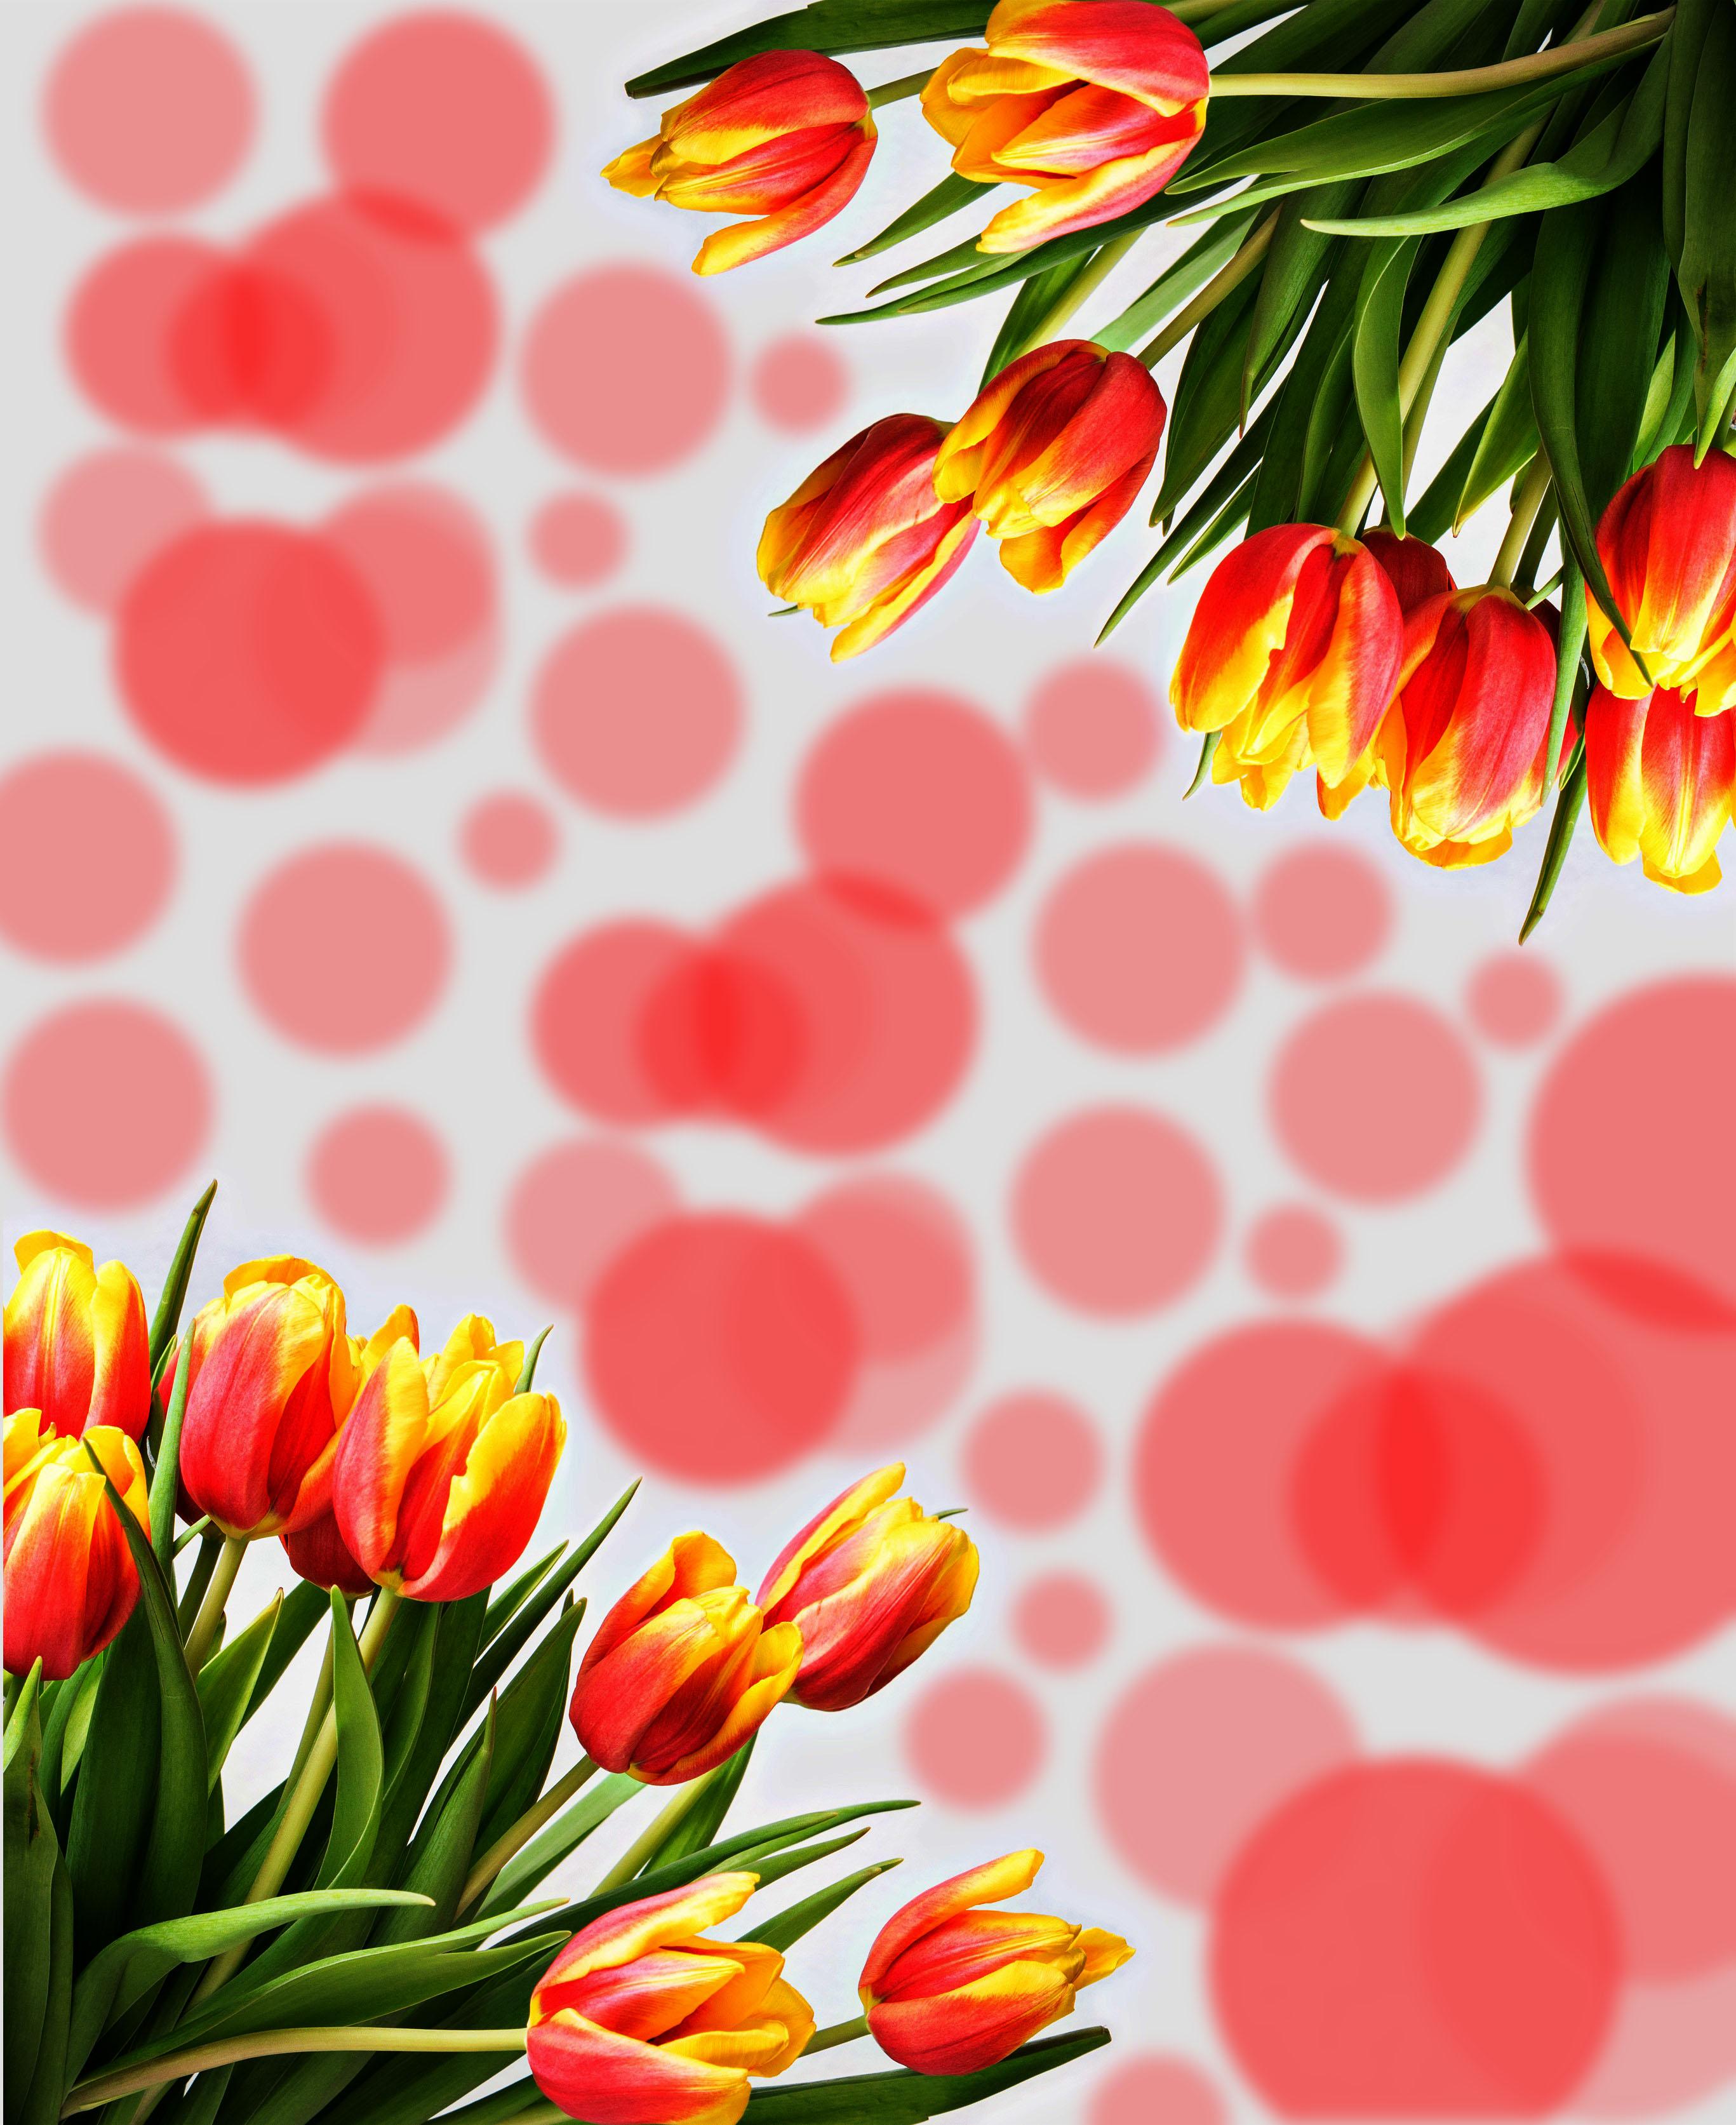 Download 82 Koleksi Wallpaper Pemandangan Bunga Tulip HD Terbaik